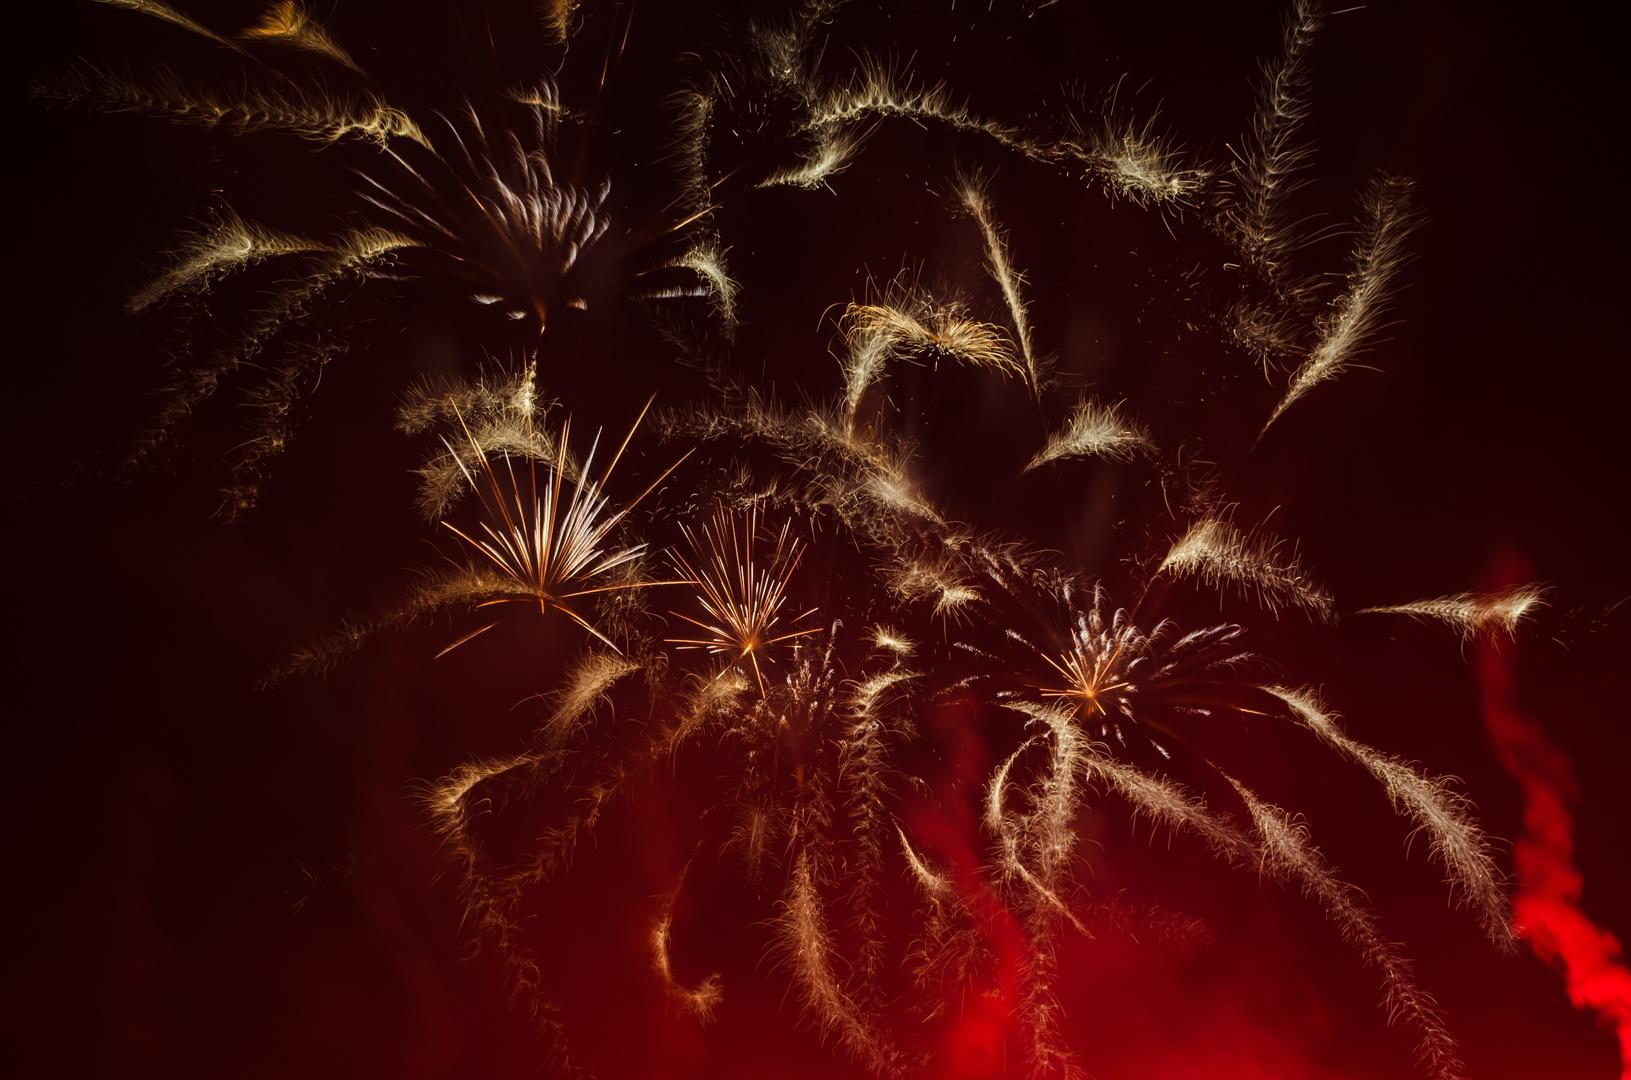 Flammende Sterne 2013 - Bild 3